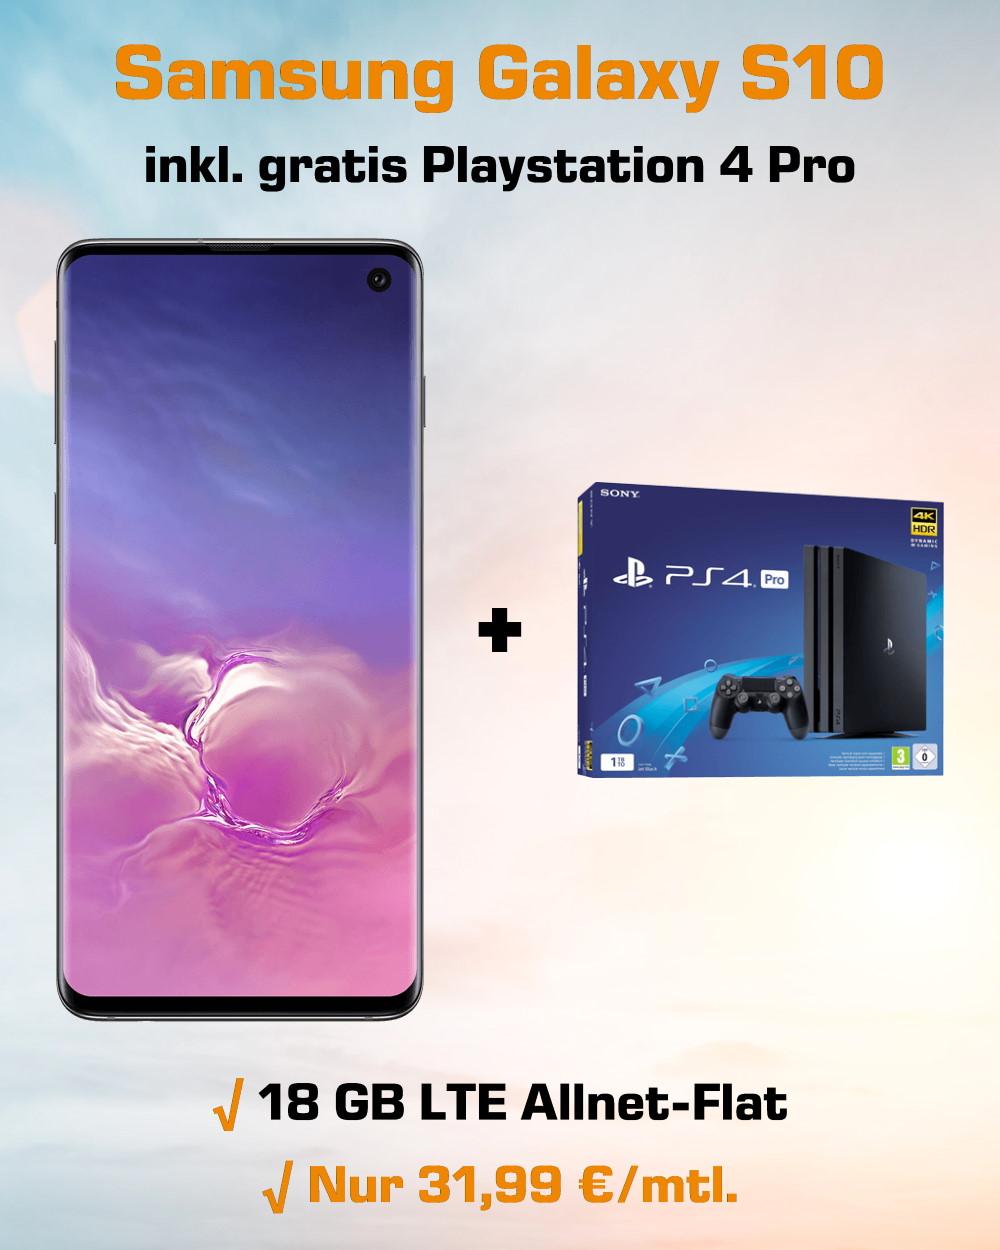 Handy-Tarifvergleich Galaxy S10 inkl. Playstation 4 Pro und 18 GB LTE Allnet-Flat zum absoluten Tiefstpreis